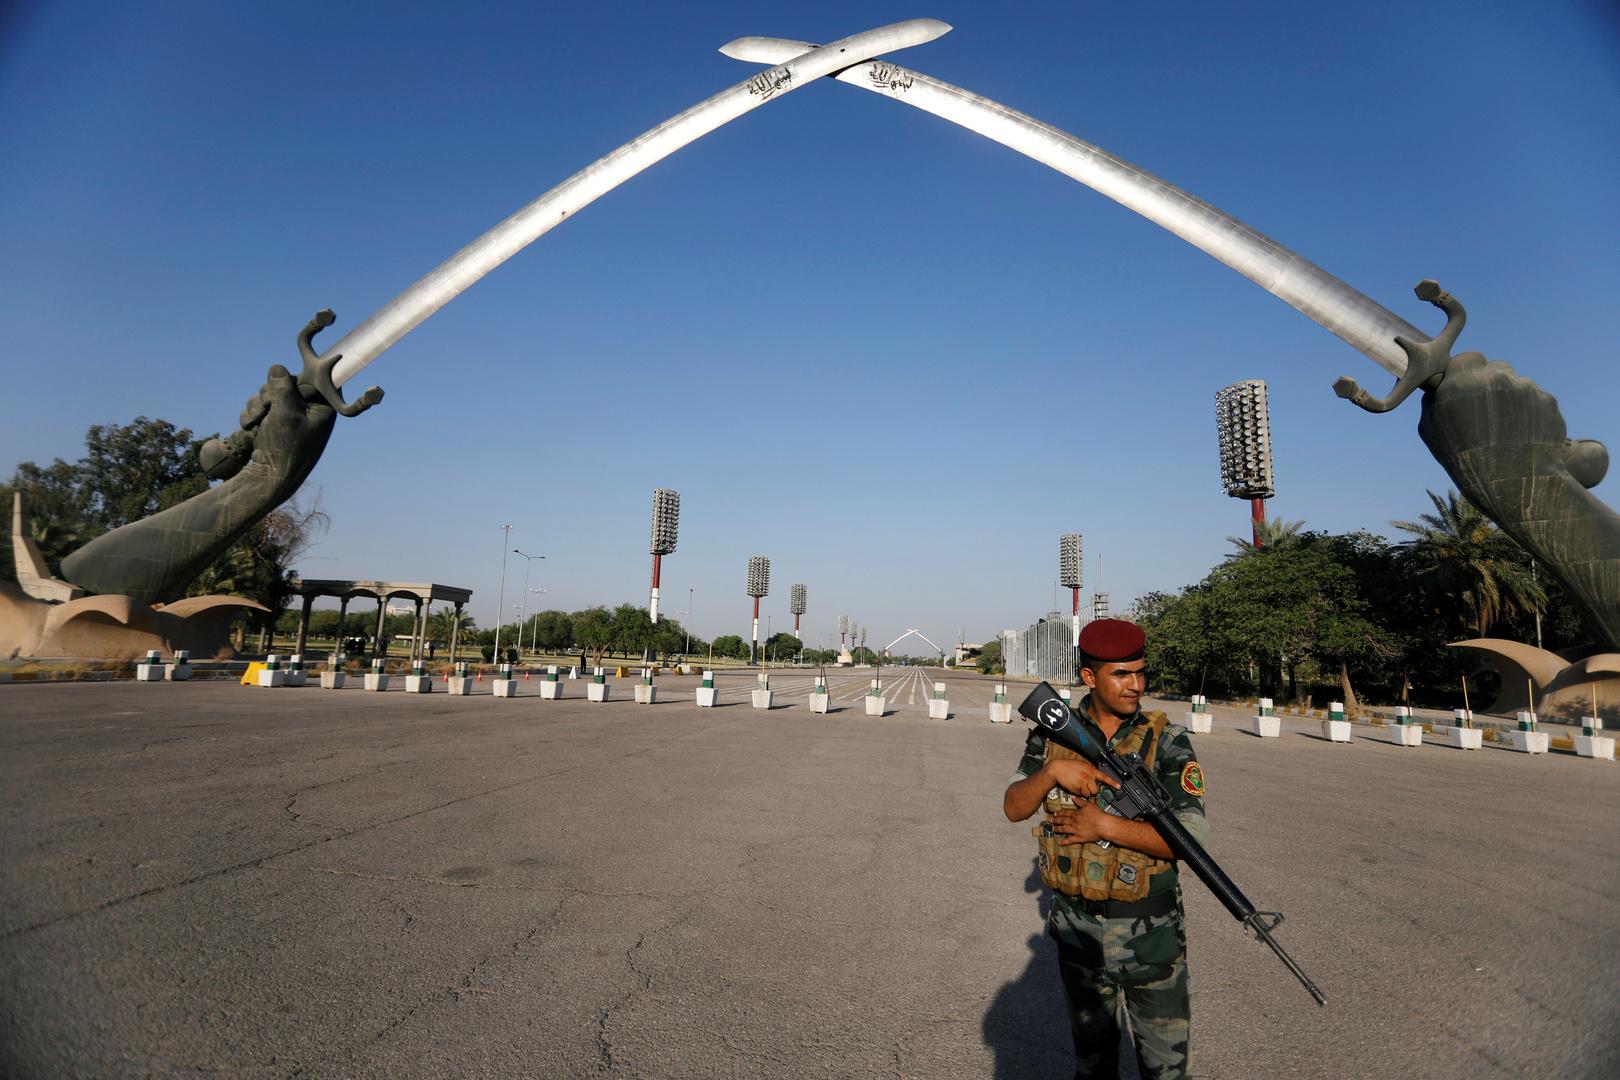 المنطقة الخضراء، بغداد، أرشيف